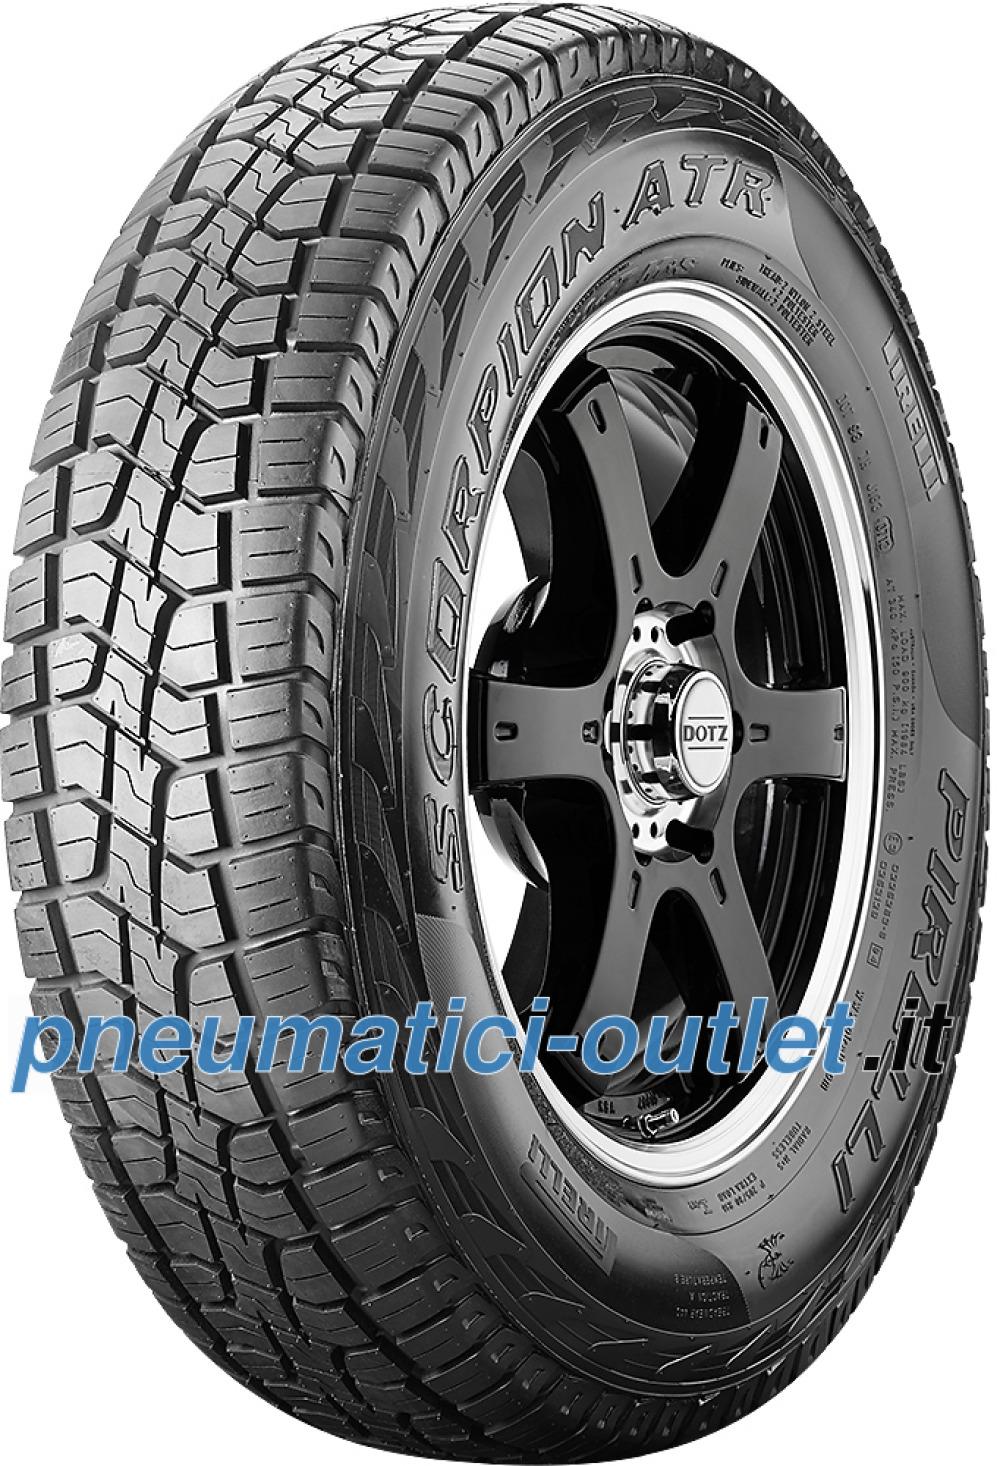 Pirelli Scorpion ATR ( P265/70 R16 112T RBL )